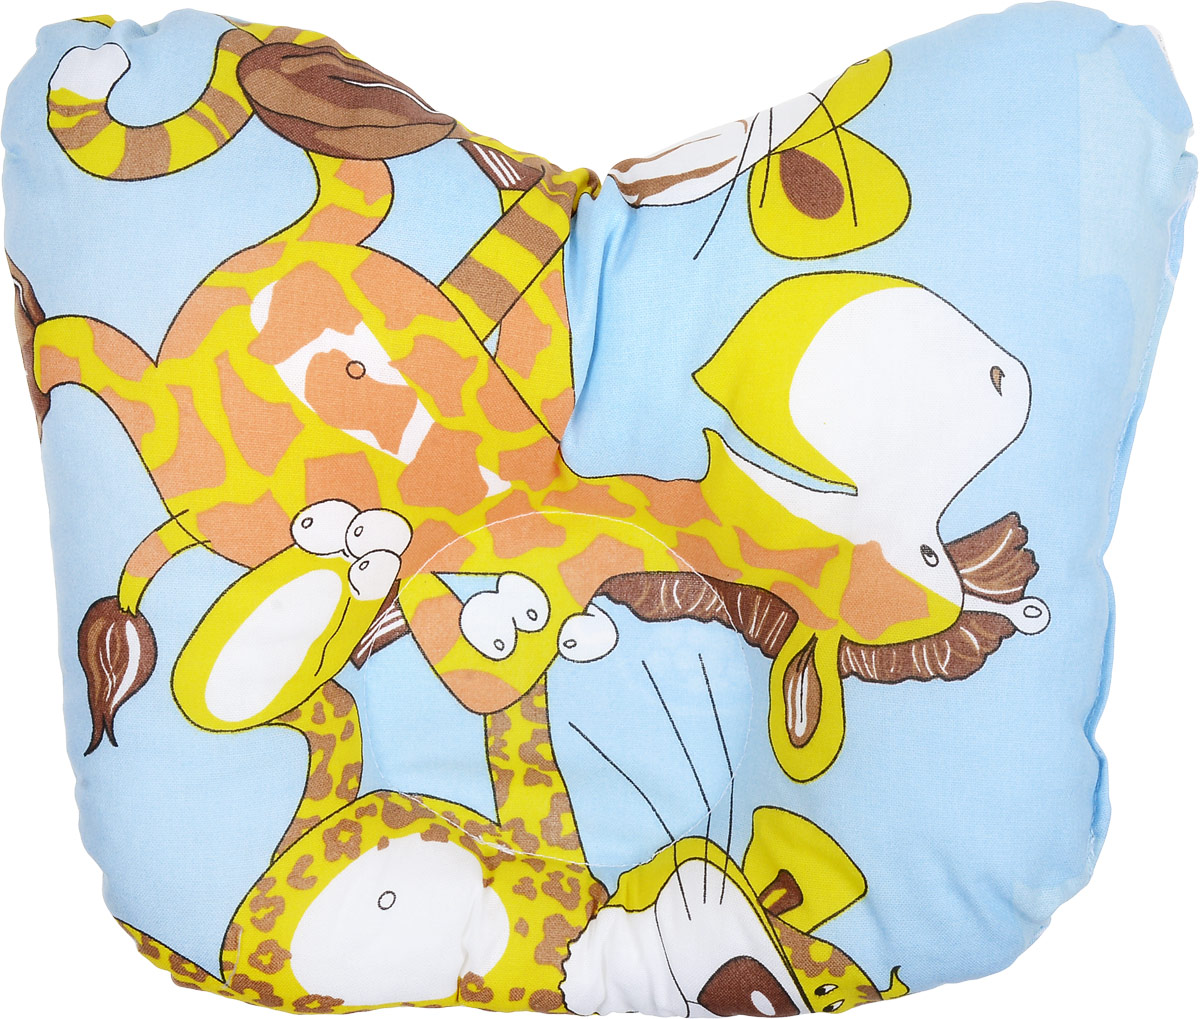 Сонный гномик Подушка анатомическая Африка для младенцев цвет голубой 27 х 27 см555А_голубой/африкаАнатомическая подушка для младенцев Сонный гномик компактна и удобна для пеленания малыша и кормления на руках, она также незаменимадля сна ребенка в кроватке и комфортна для использования в коляске на прогулке. Углубление в подушке фиксирует правильное положениеголовы ребенка.Подушка помогает правильному формированию шейного отдела позвоночника.